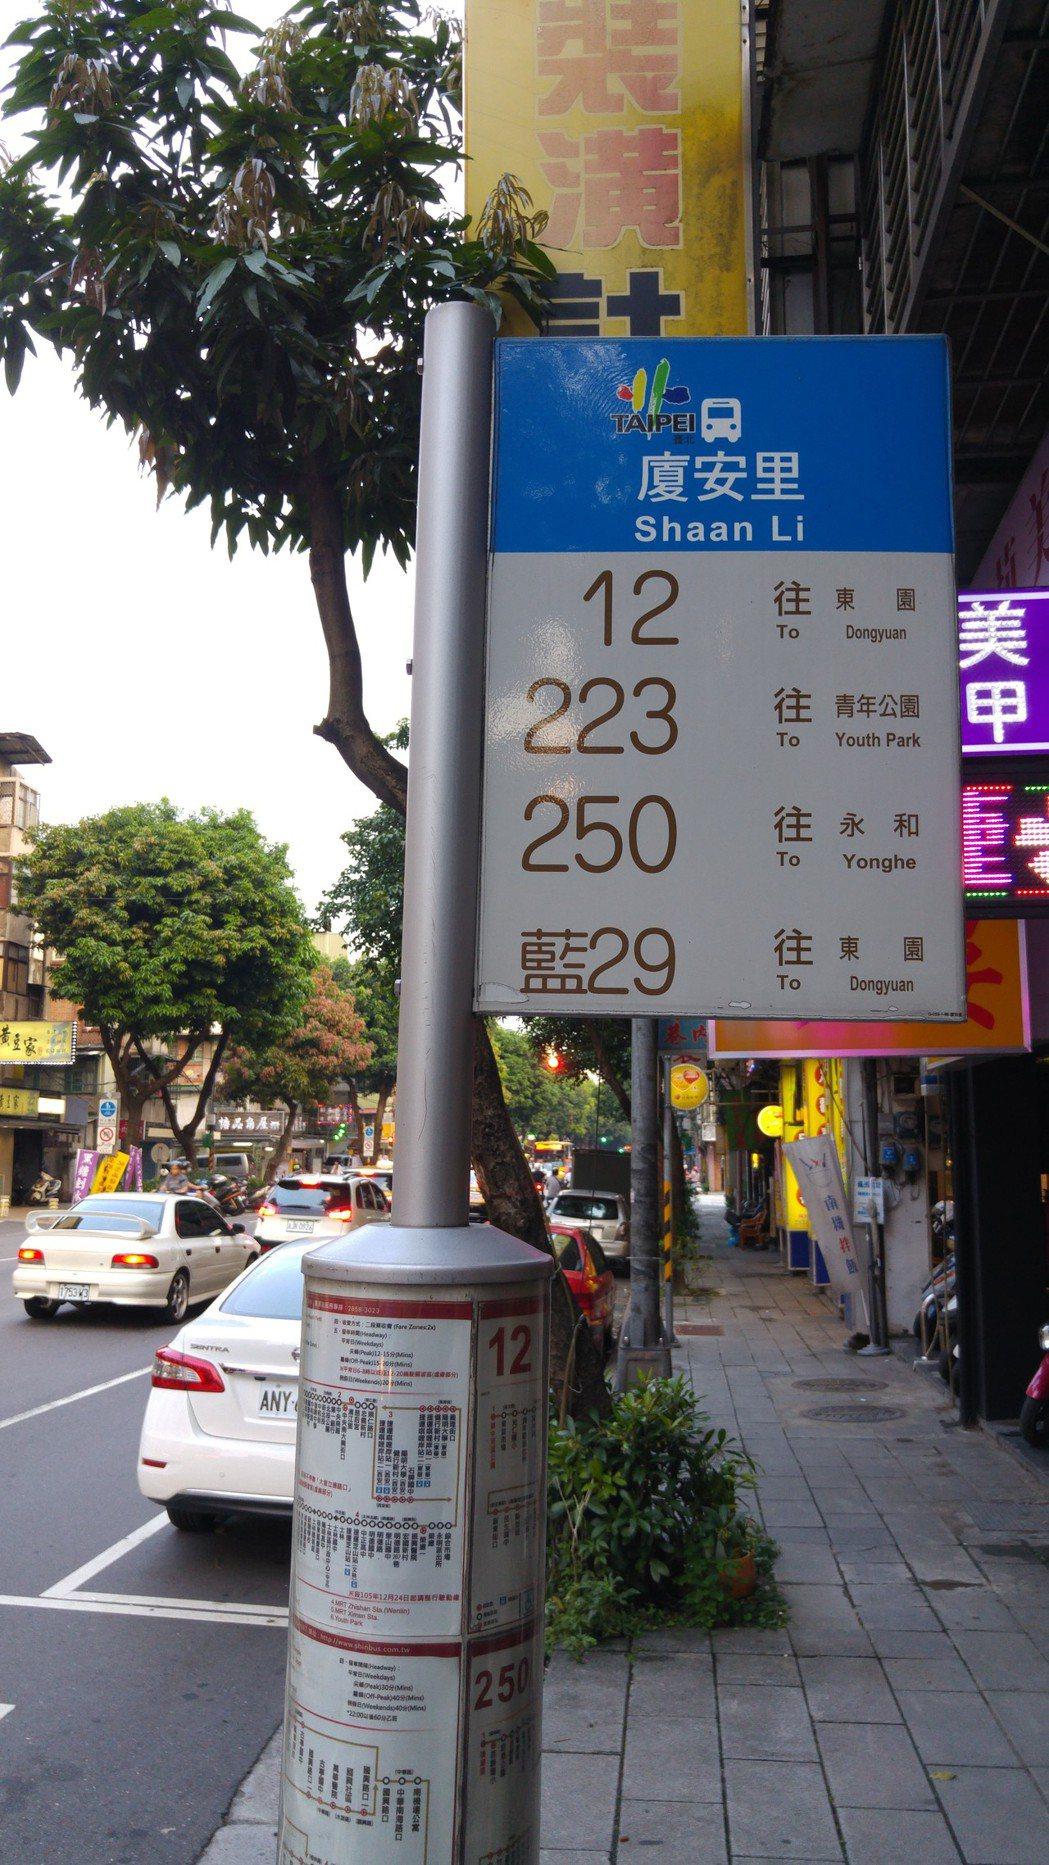 捷運萬大線LG03站「廈安站」工區位在西藏路上,地方人士認為命名「南機場站」更適...